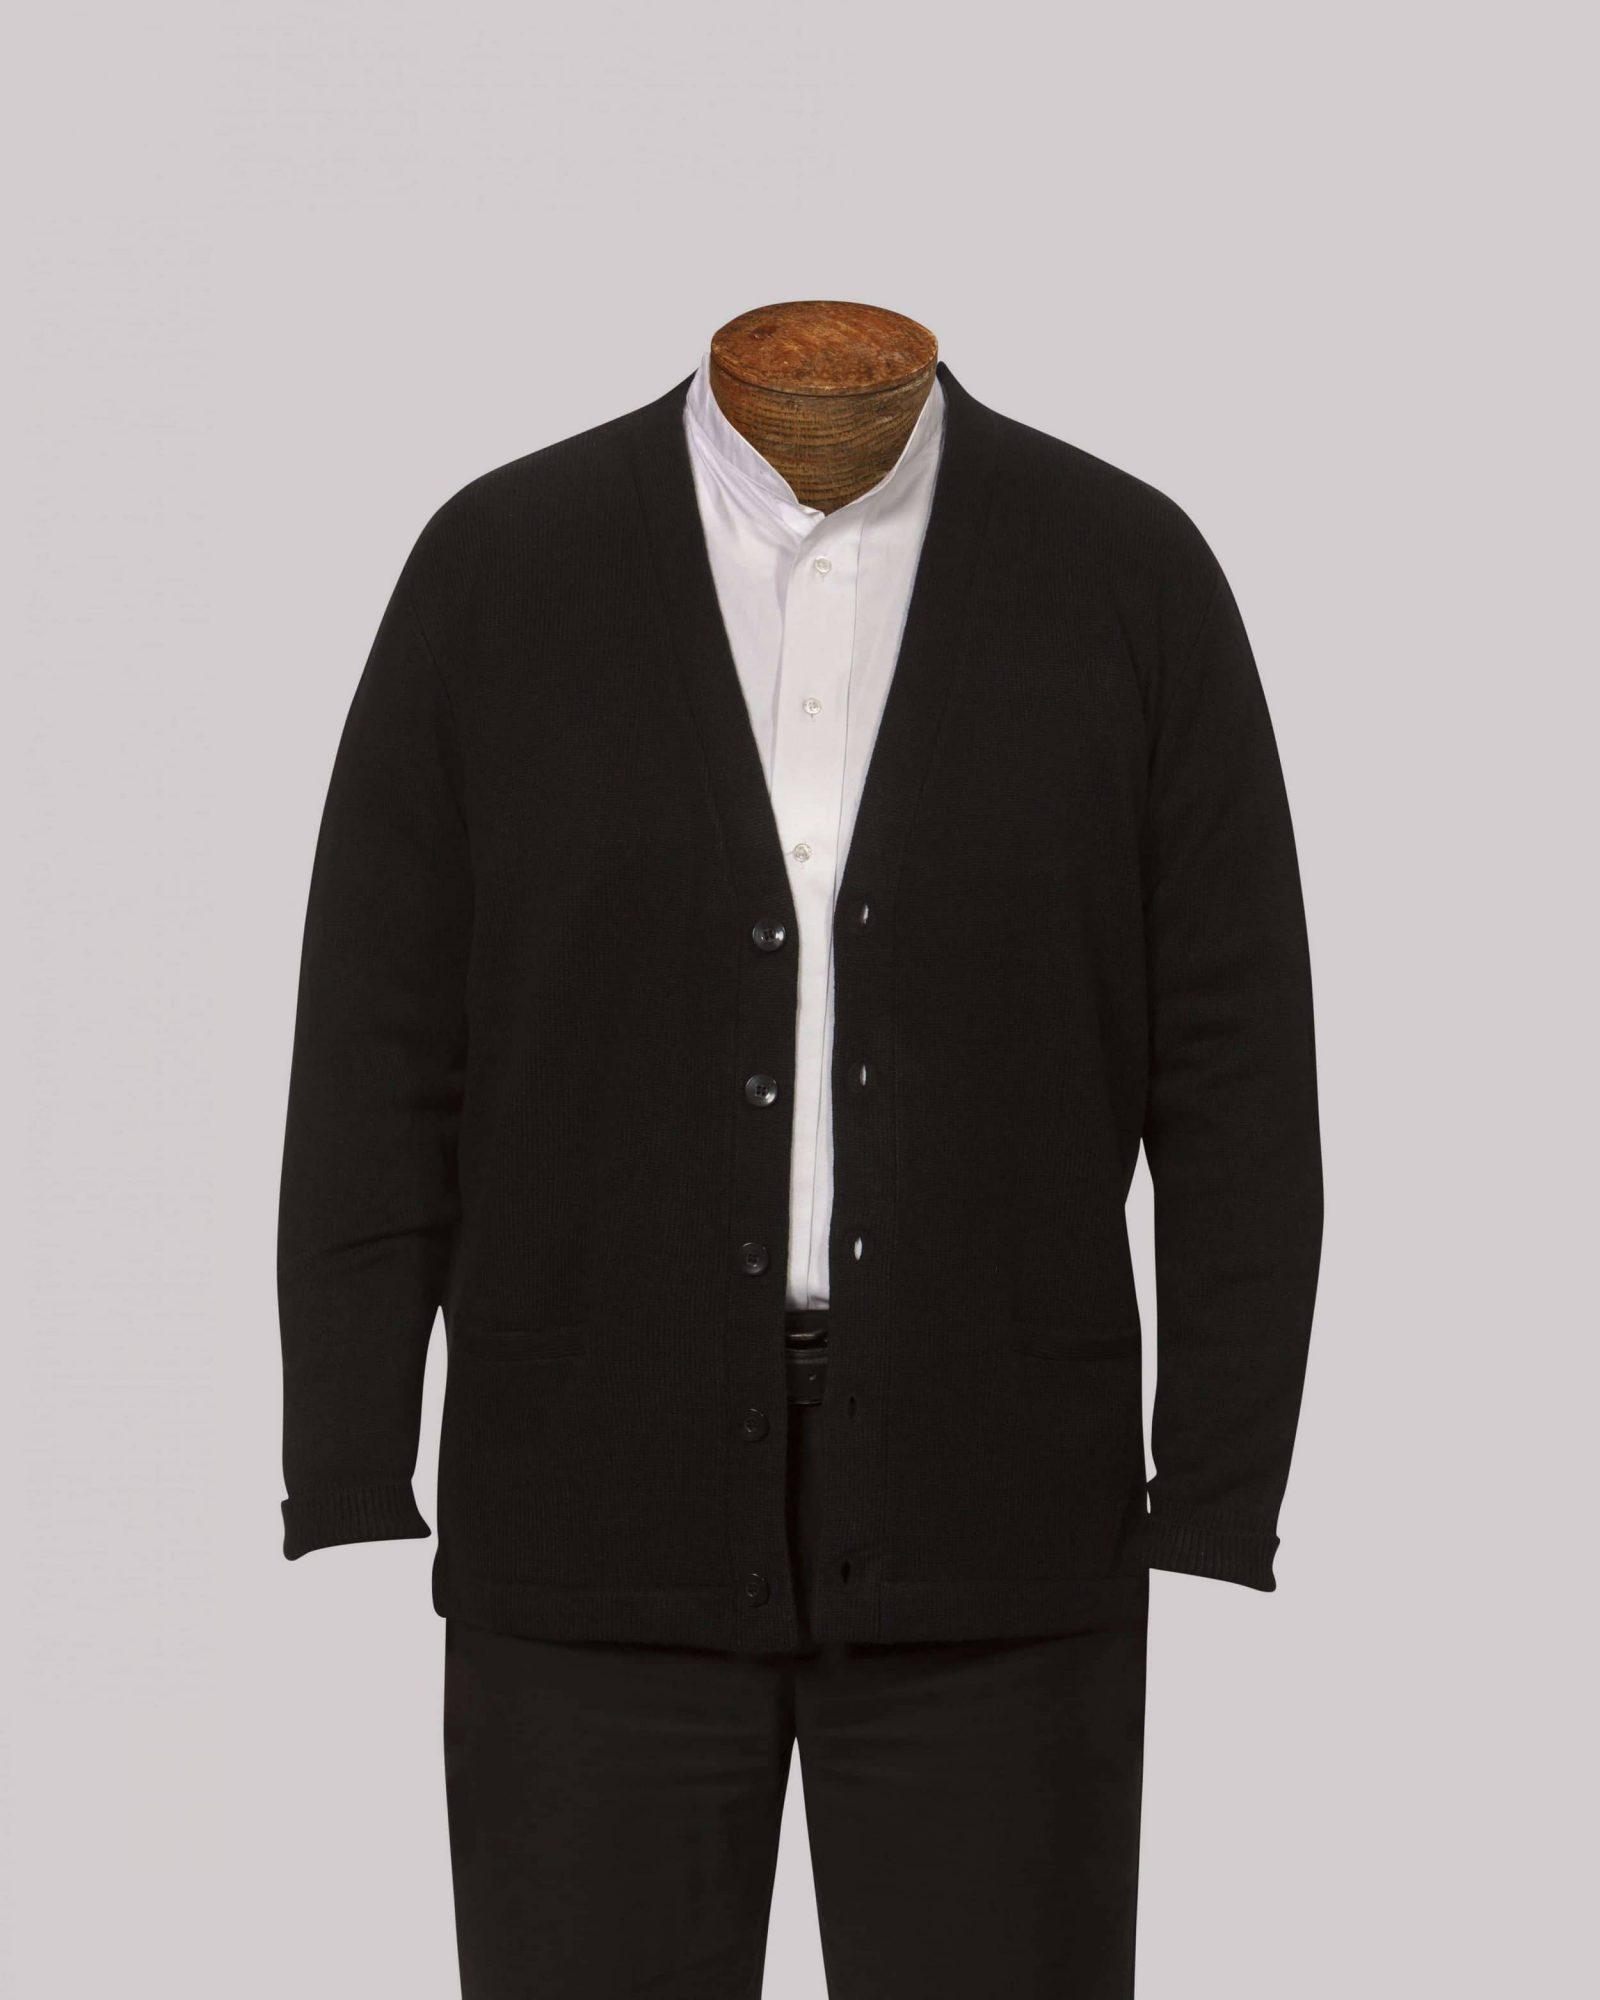 McGreevy's Everyday Cardigan Sweater